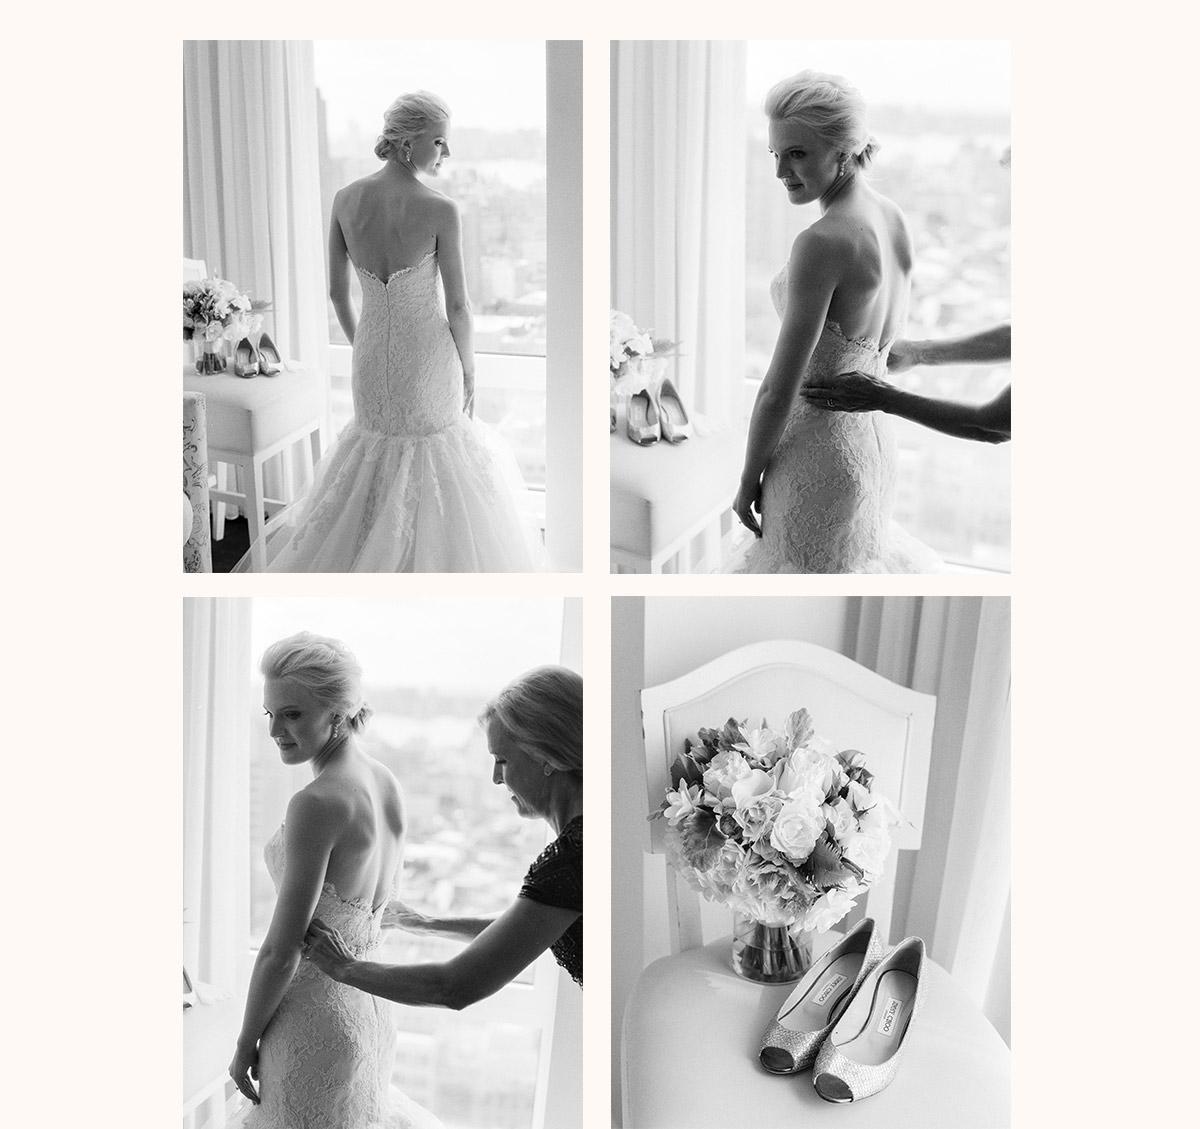 Brooklyn Botanical Gardens Wedding Photographer 01 - BROOKLYN BOTANICAL GARDEN WEDDING PHOTOGRAPHY